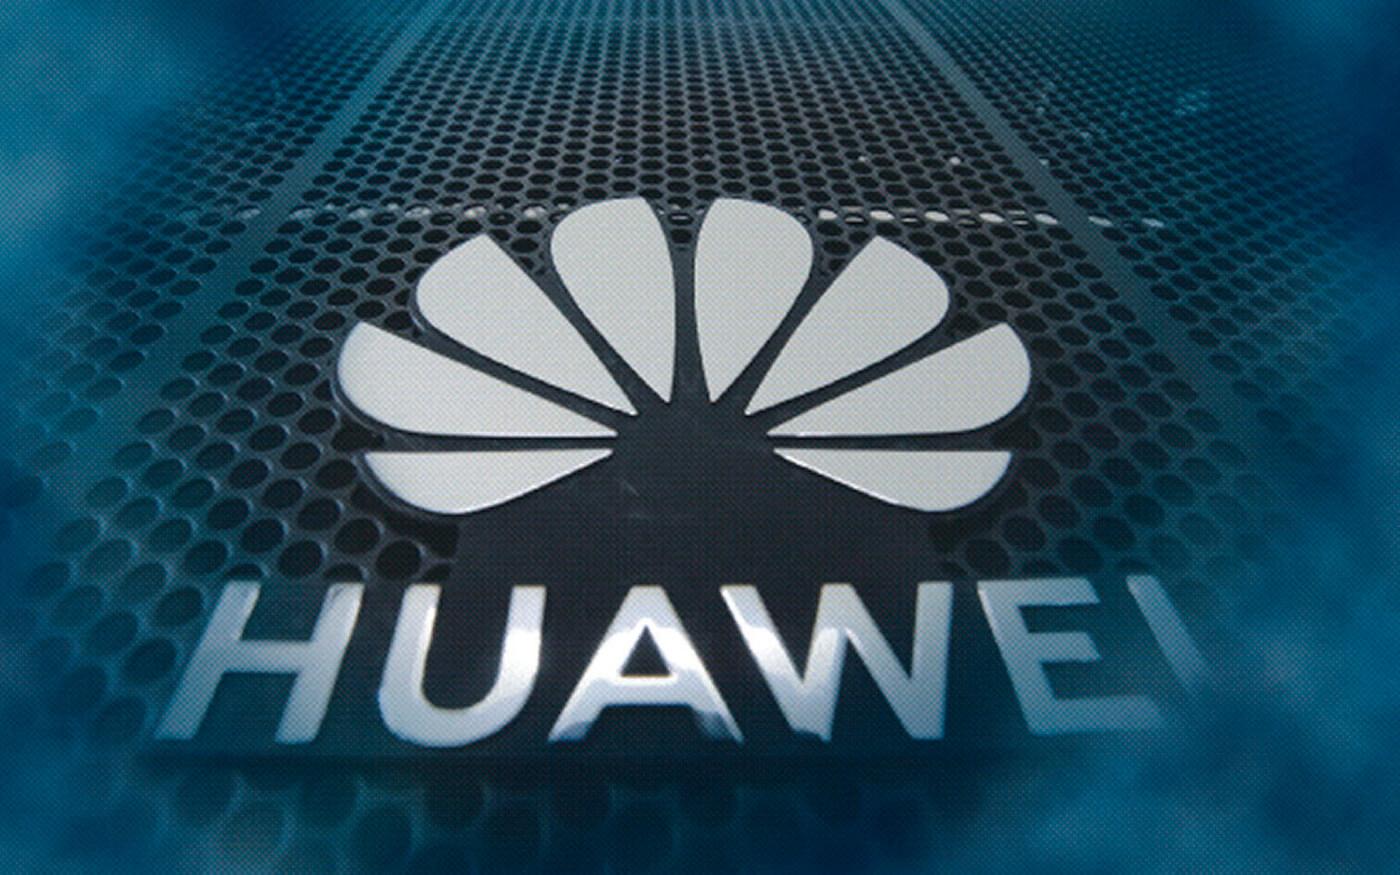 Huawei desmente corte na produção de smartphones após embargo comercial